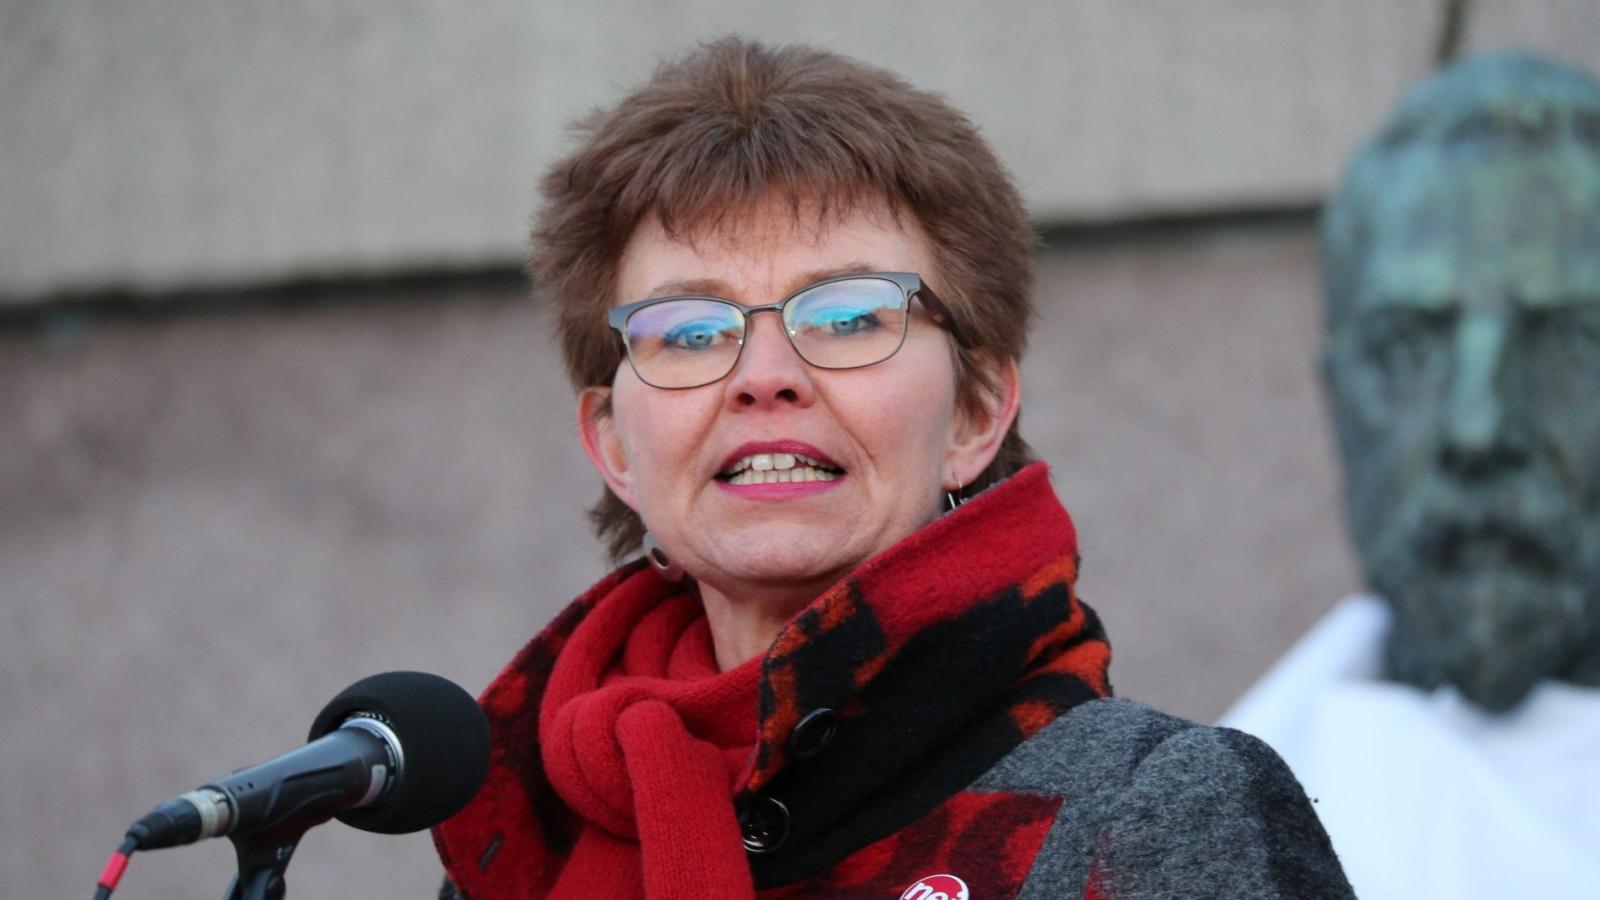 Kathrine Kleveland på Stopp Acer-demonstrasjon 19. mars 2018.